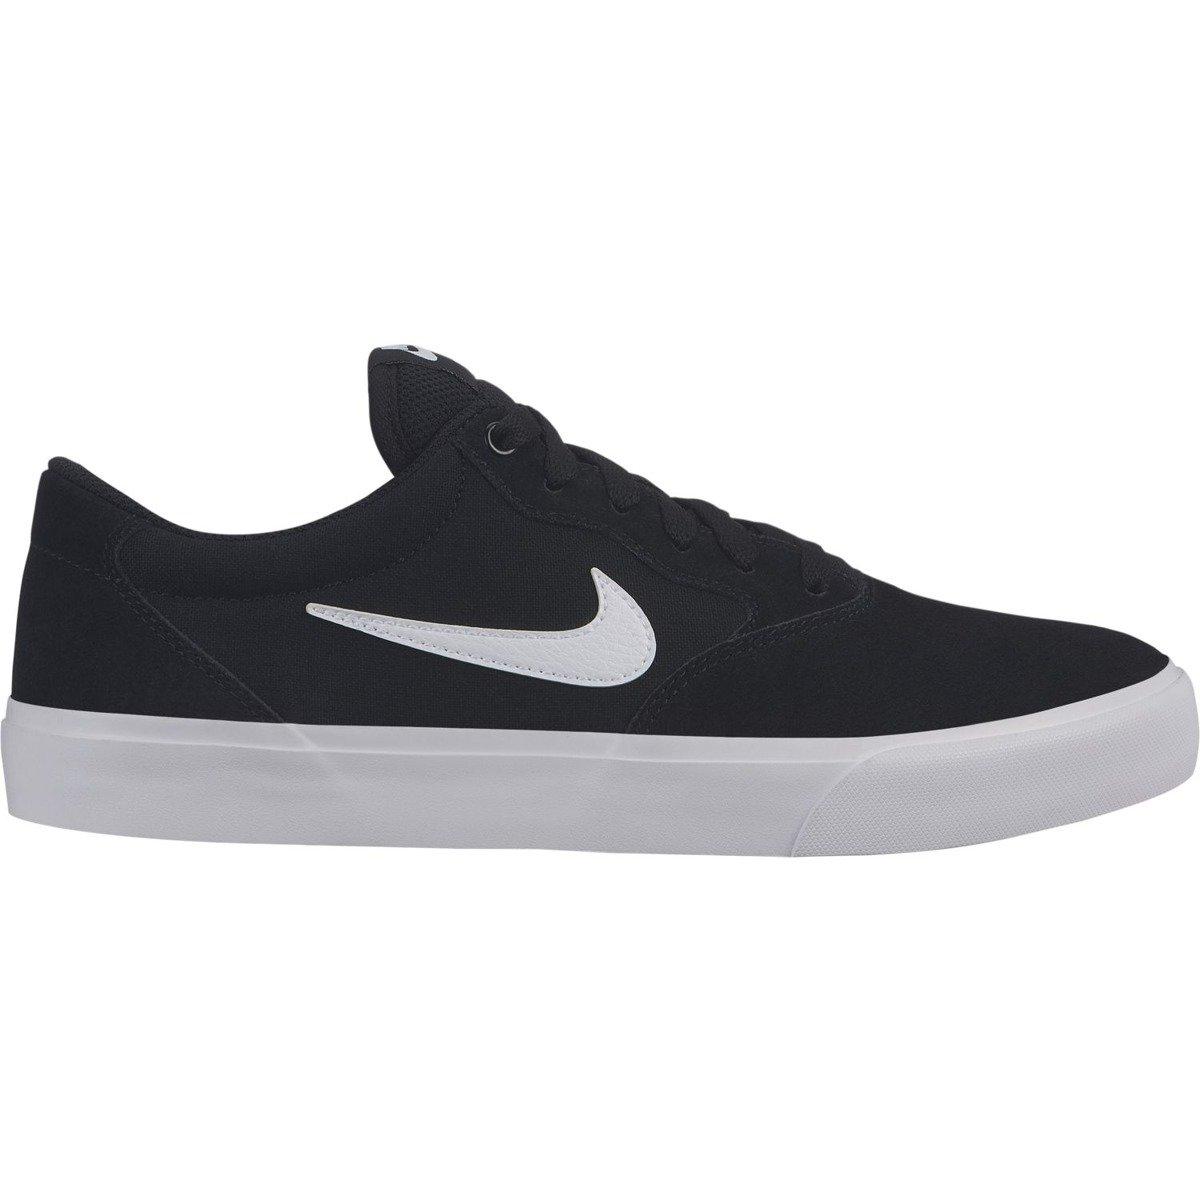 pierwsza stawka wielka wyprzedaż uk niezawodna jakość Buty Nike Sb Chron Slr Black/white